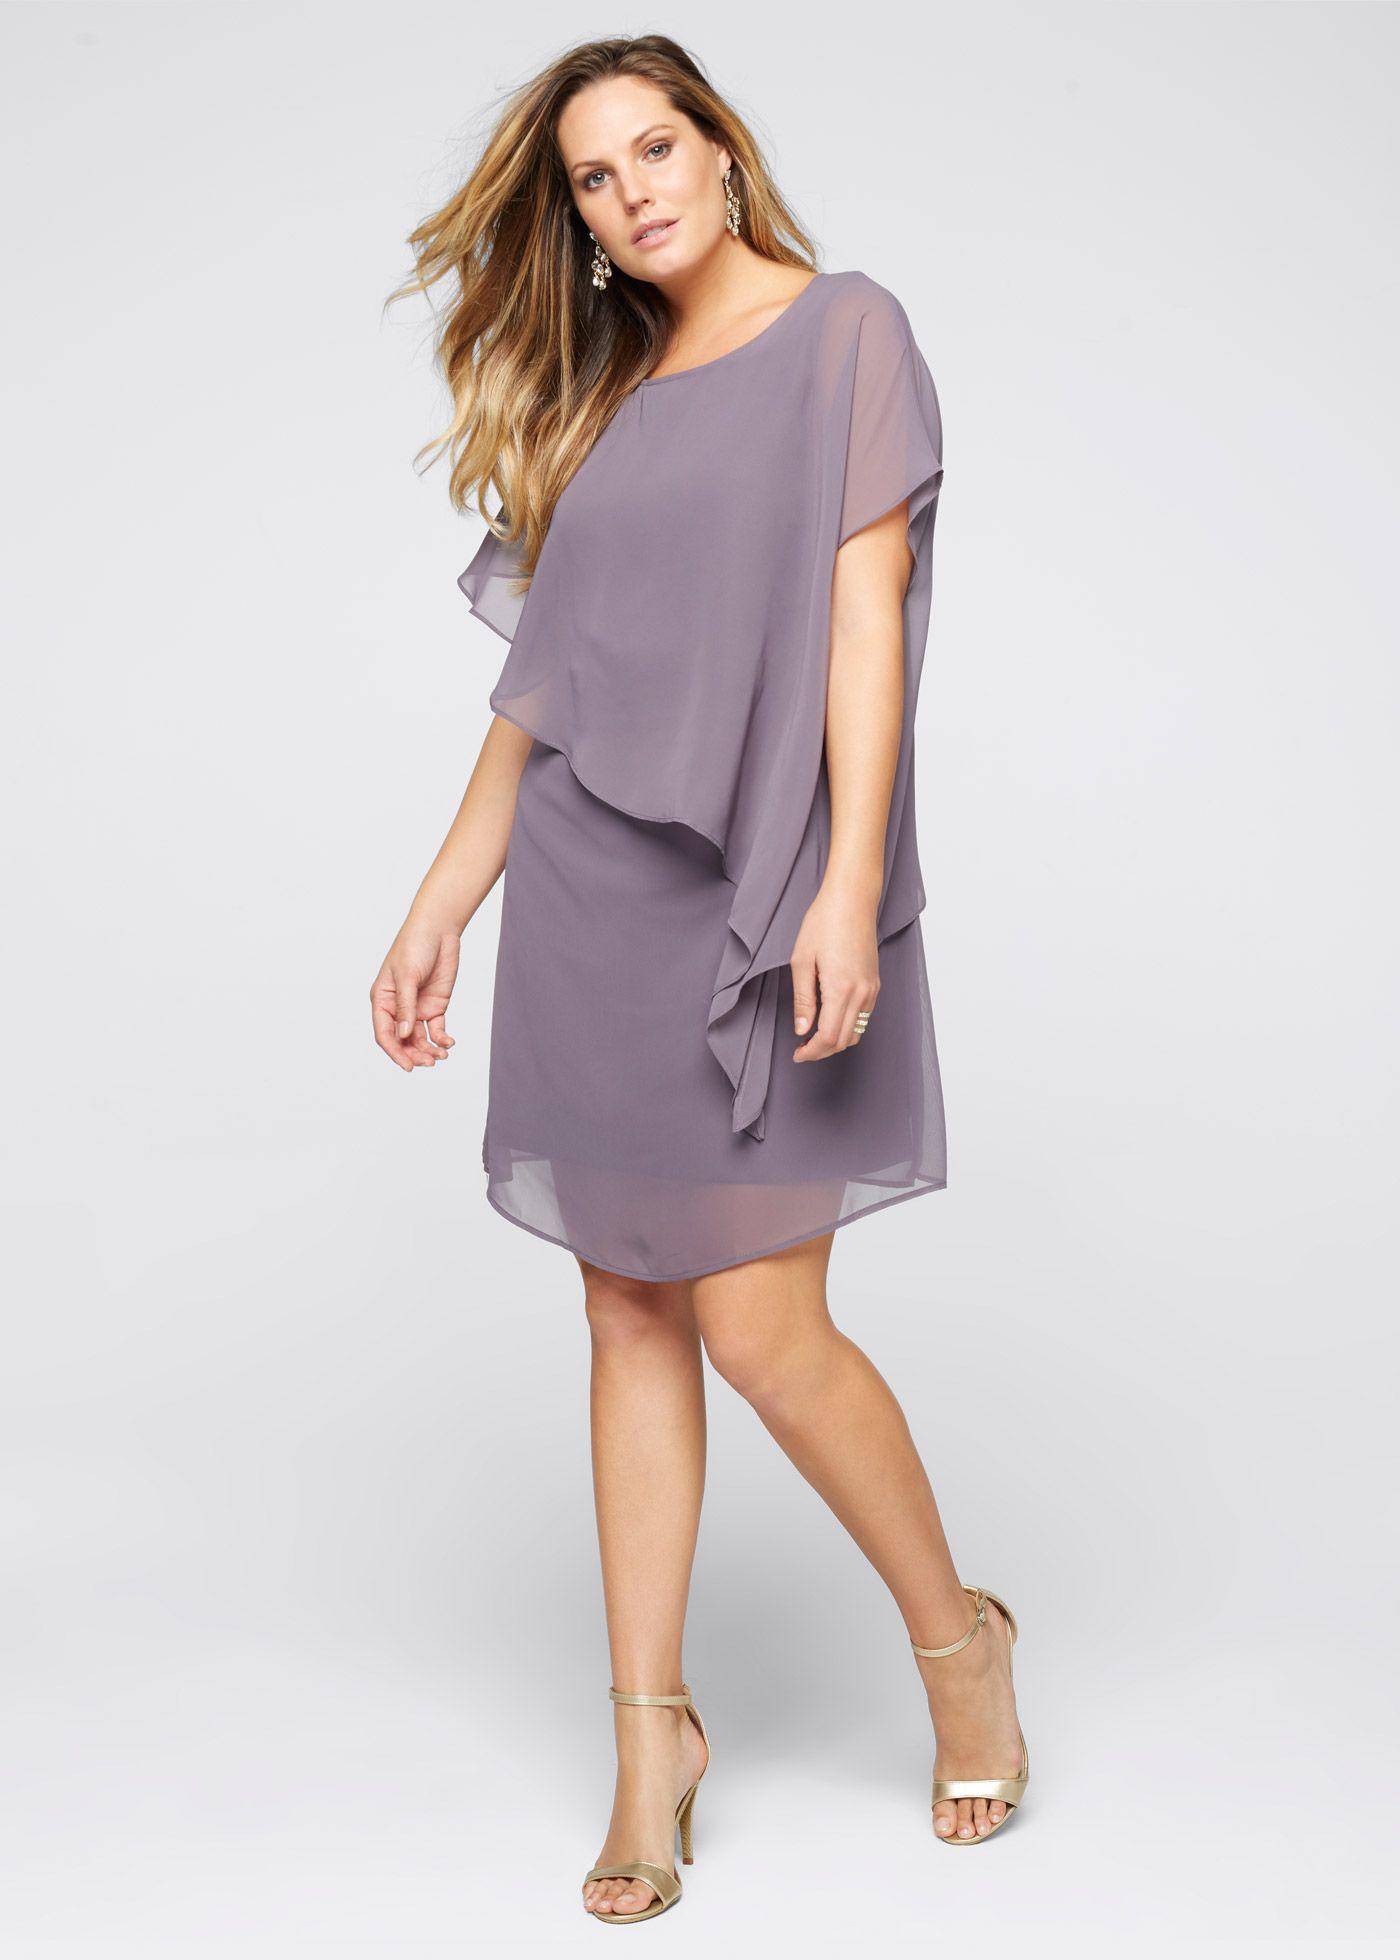 Оригинальное платье с асимметричной отлетной верхней деталью